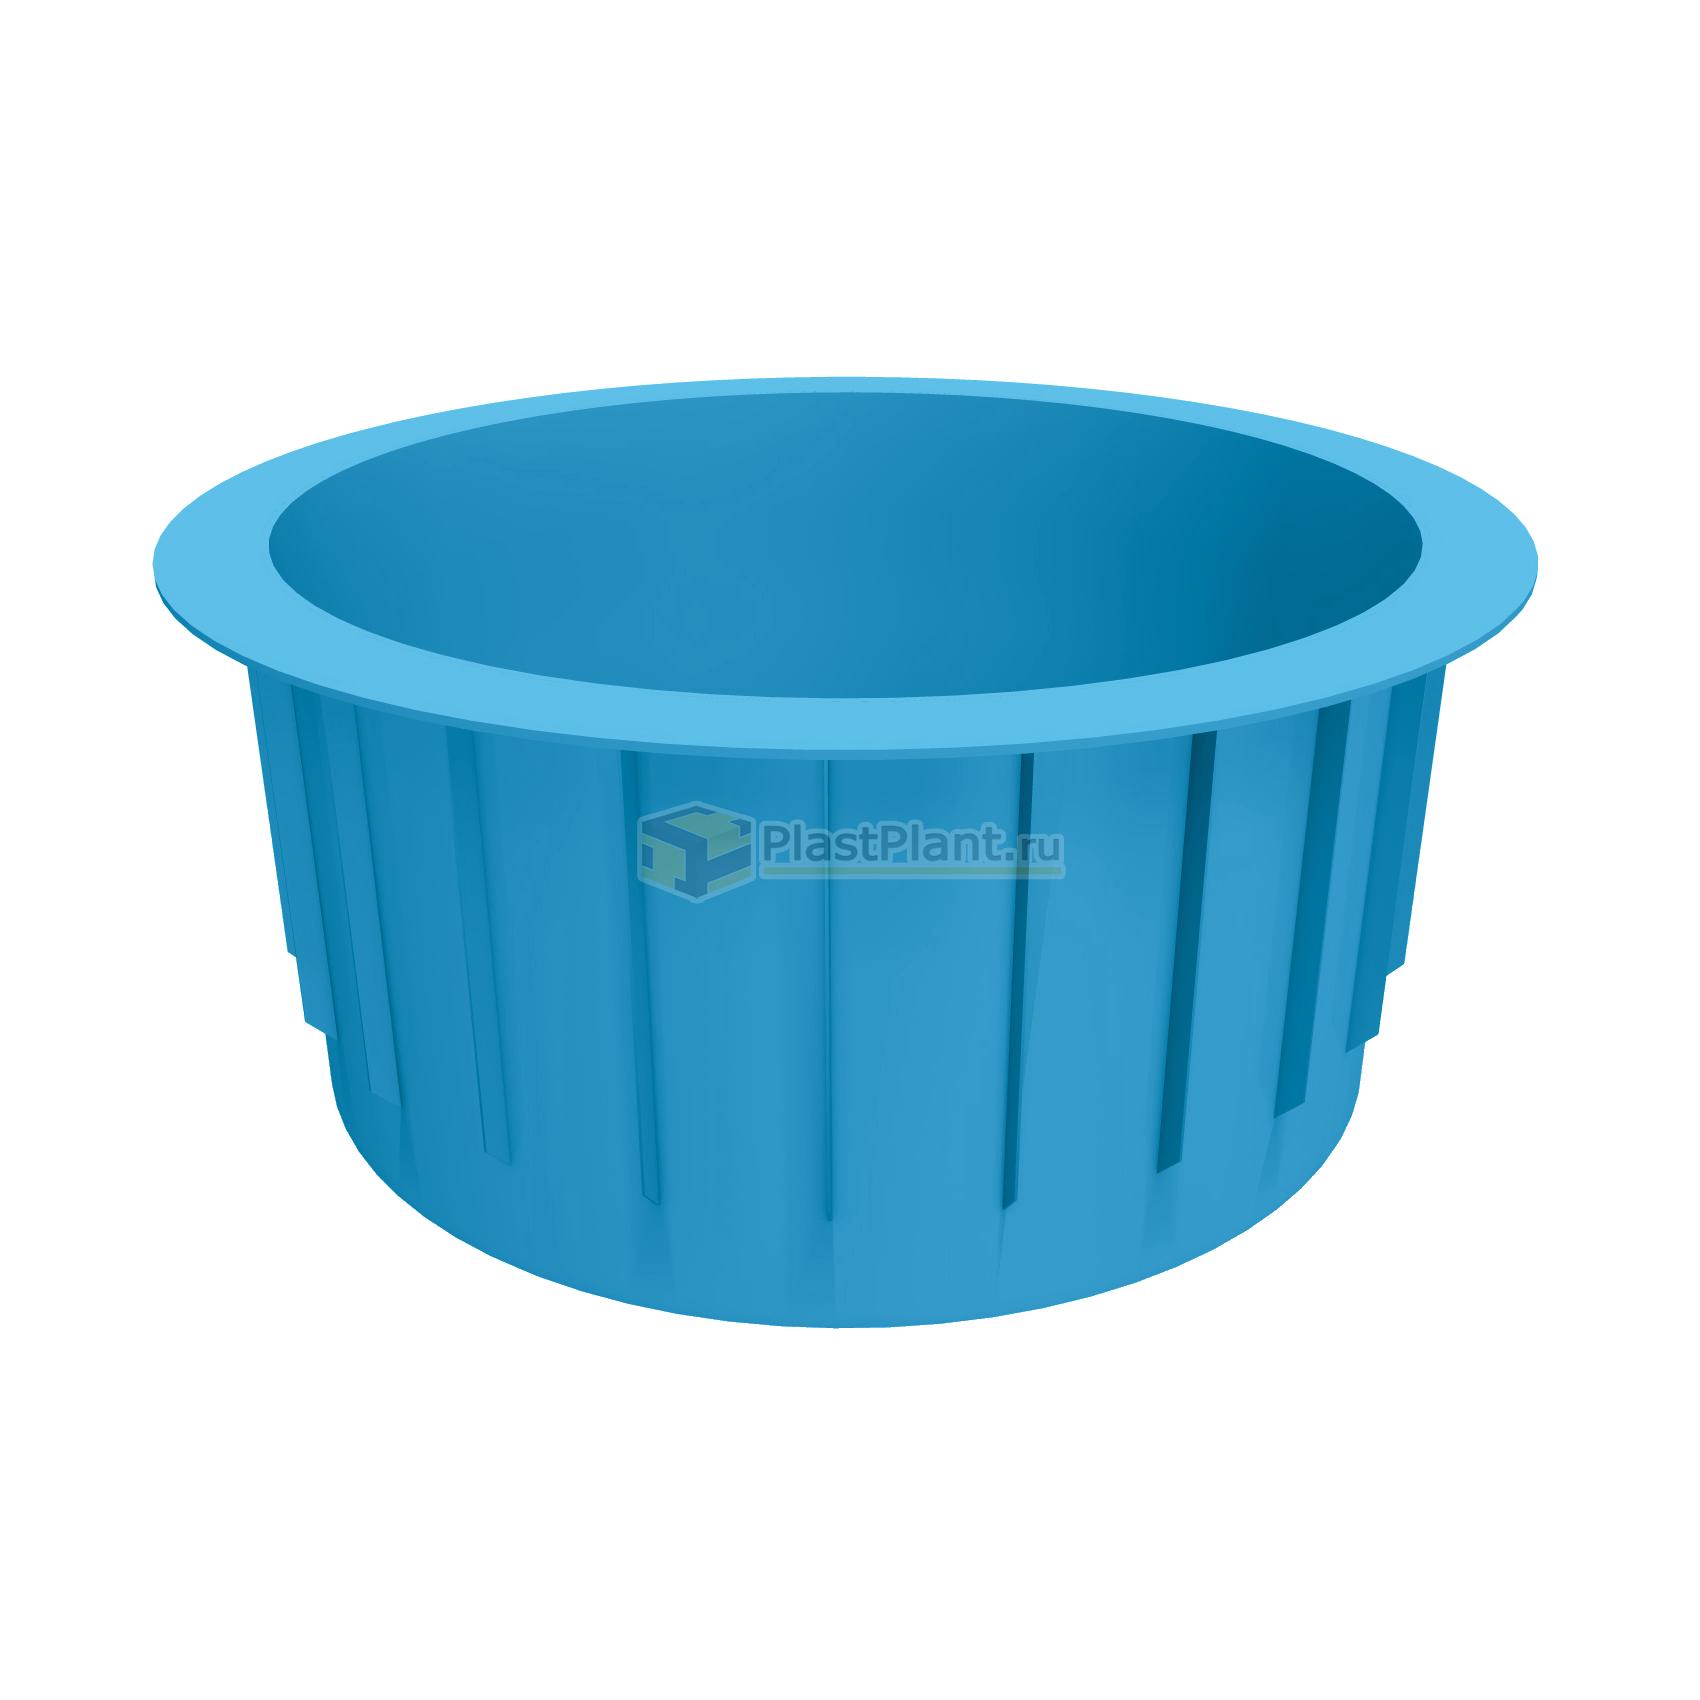 Купель круглая 1500x1200 полипропиленовая - купить в ПластПлэнт